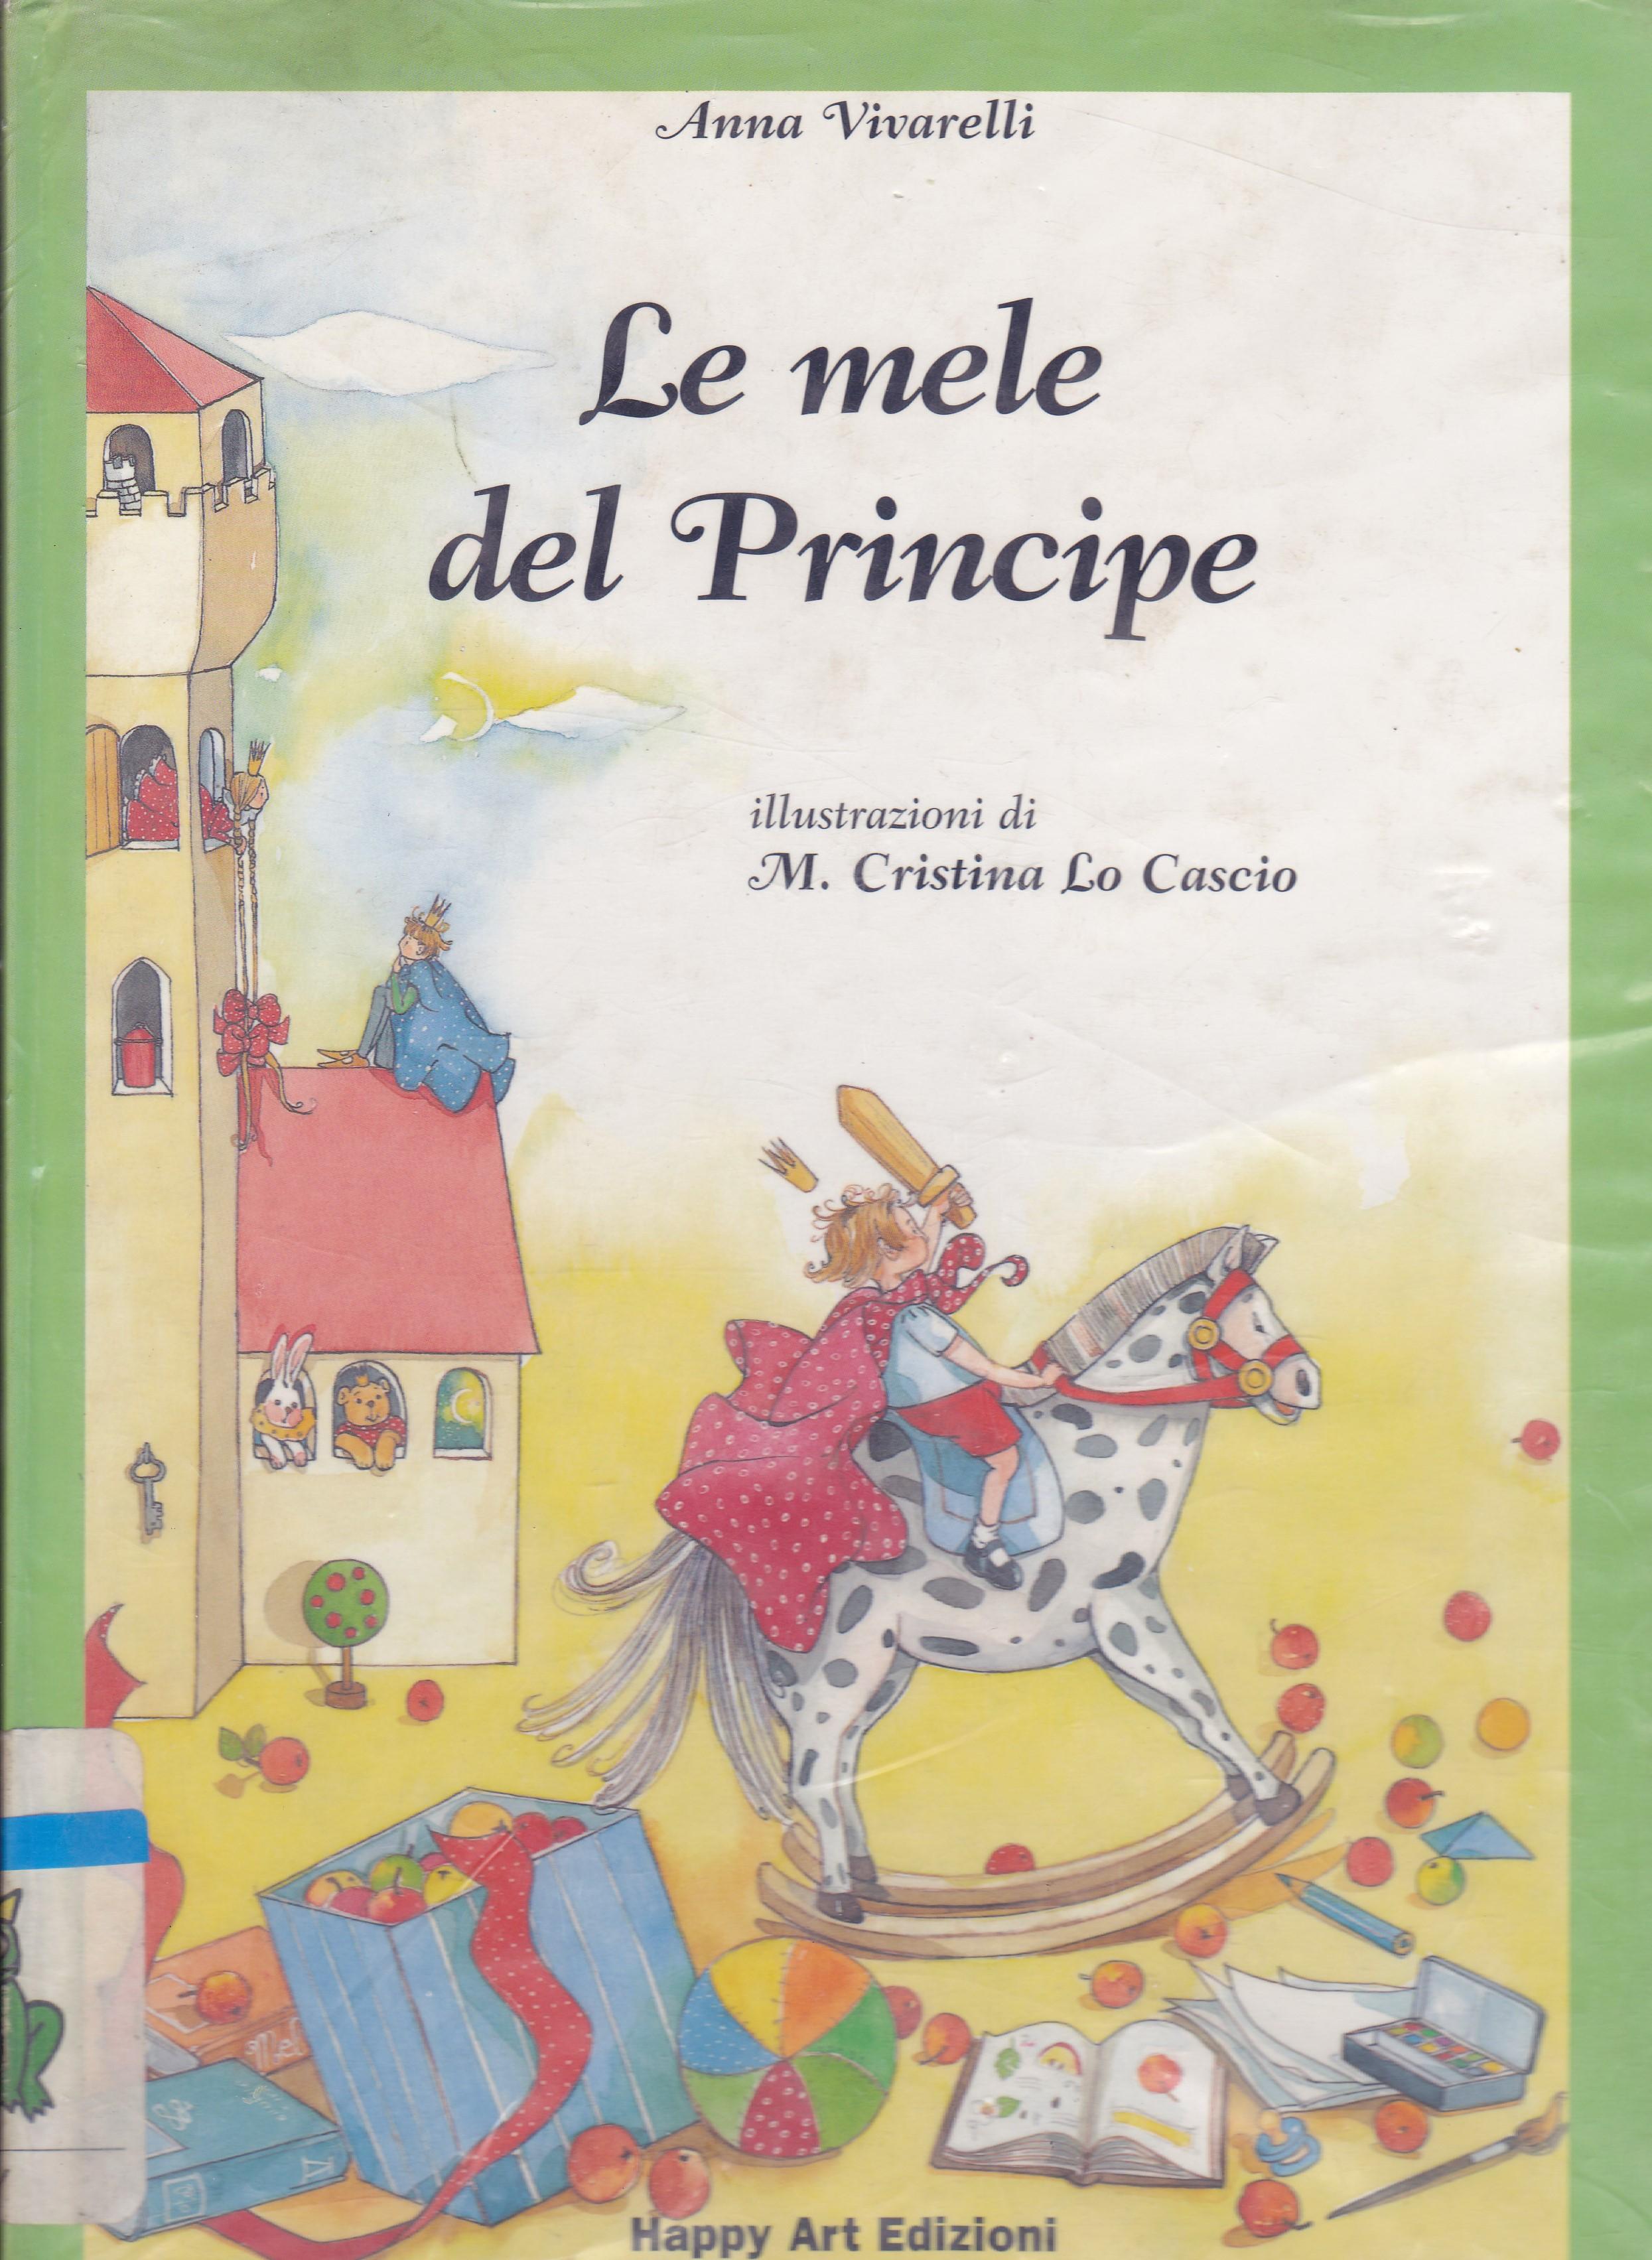 Le mele del principe